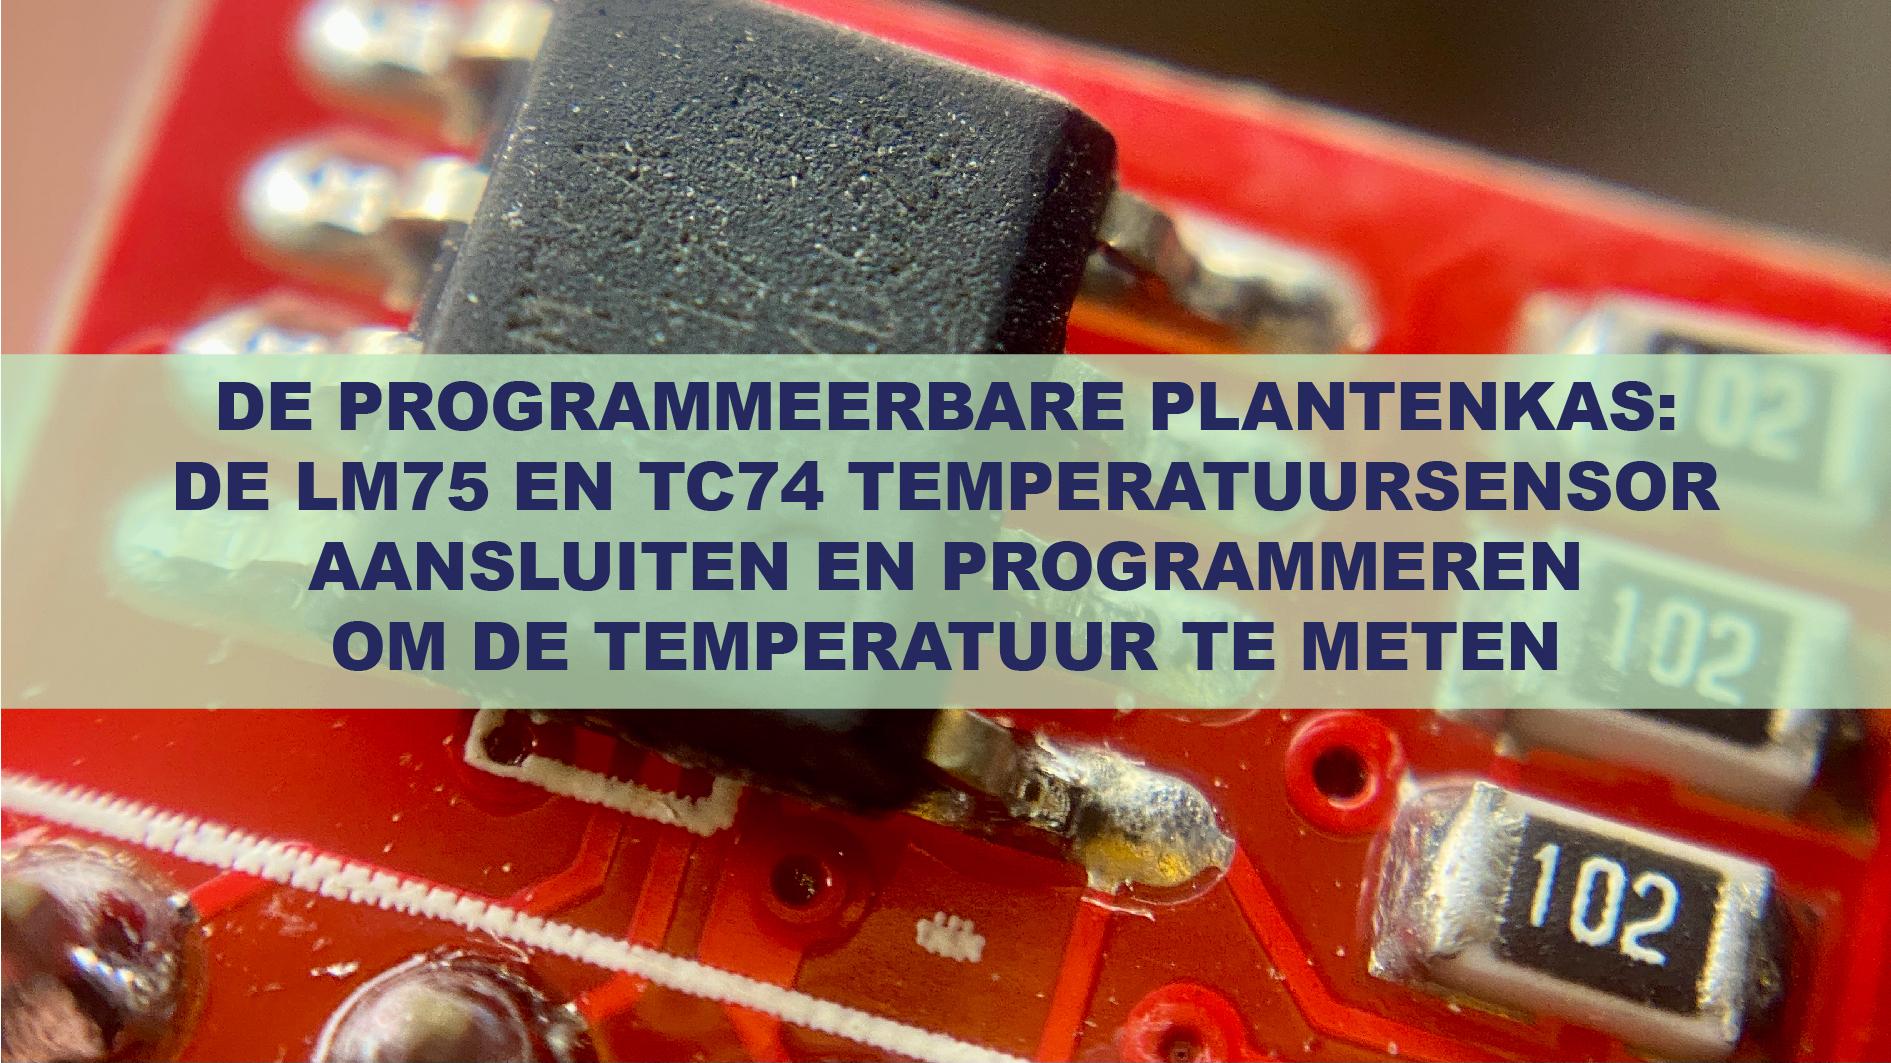 De Programmeerbare Plantenkas: De LM75 En TC74 Temperatuursensor Aansluiten En Programmeren Om De Temperatuur Te Meten